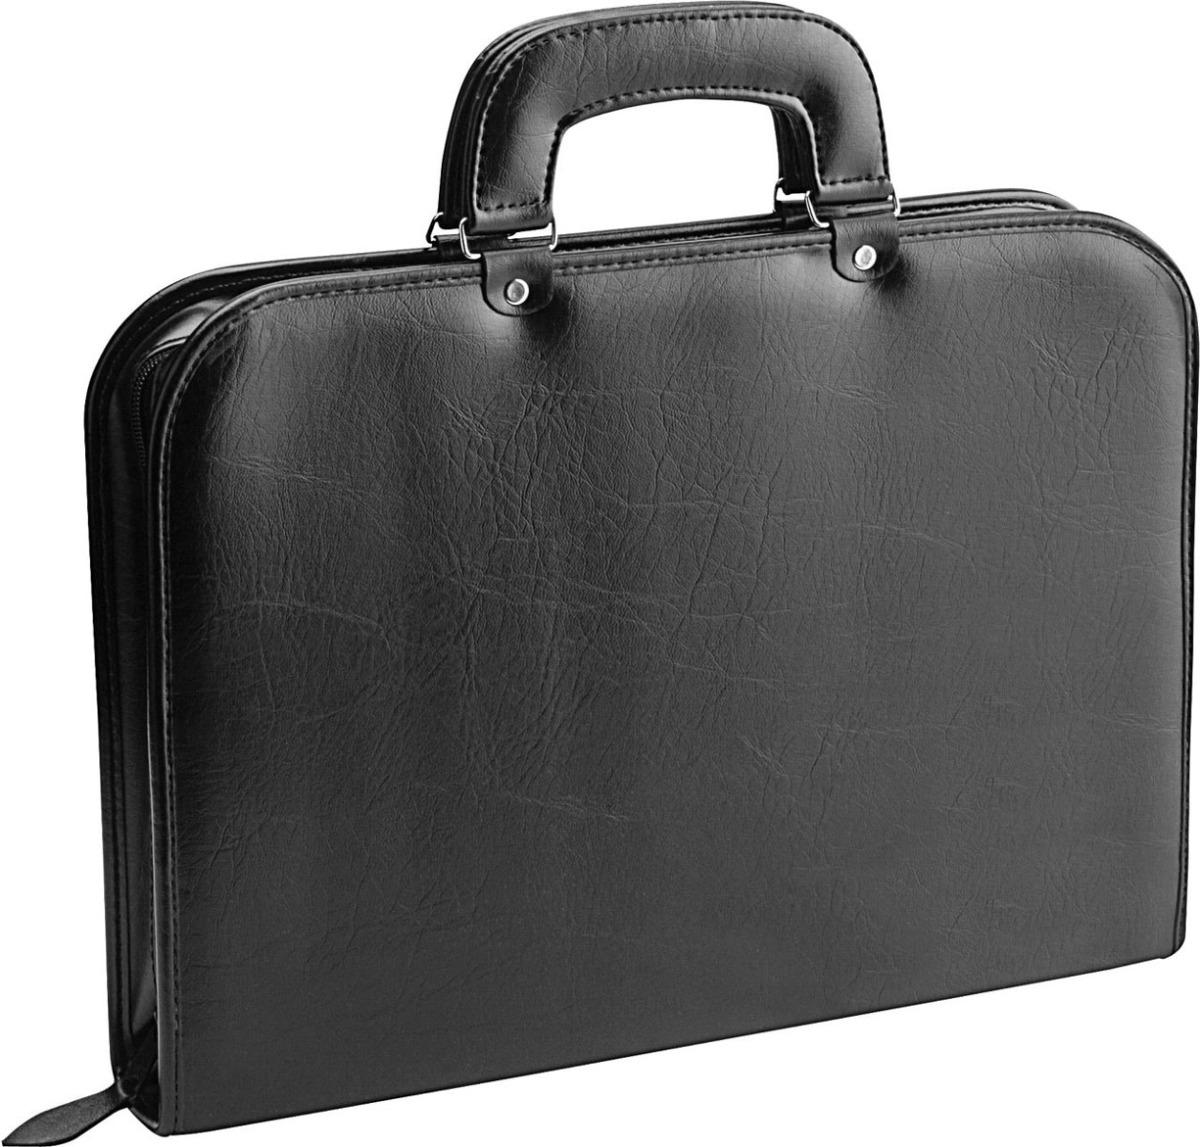 6c1568788d7 maleta bolsa pasta executiva em couro 1561- incorpast preto. Carregando  zoom.